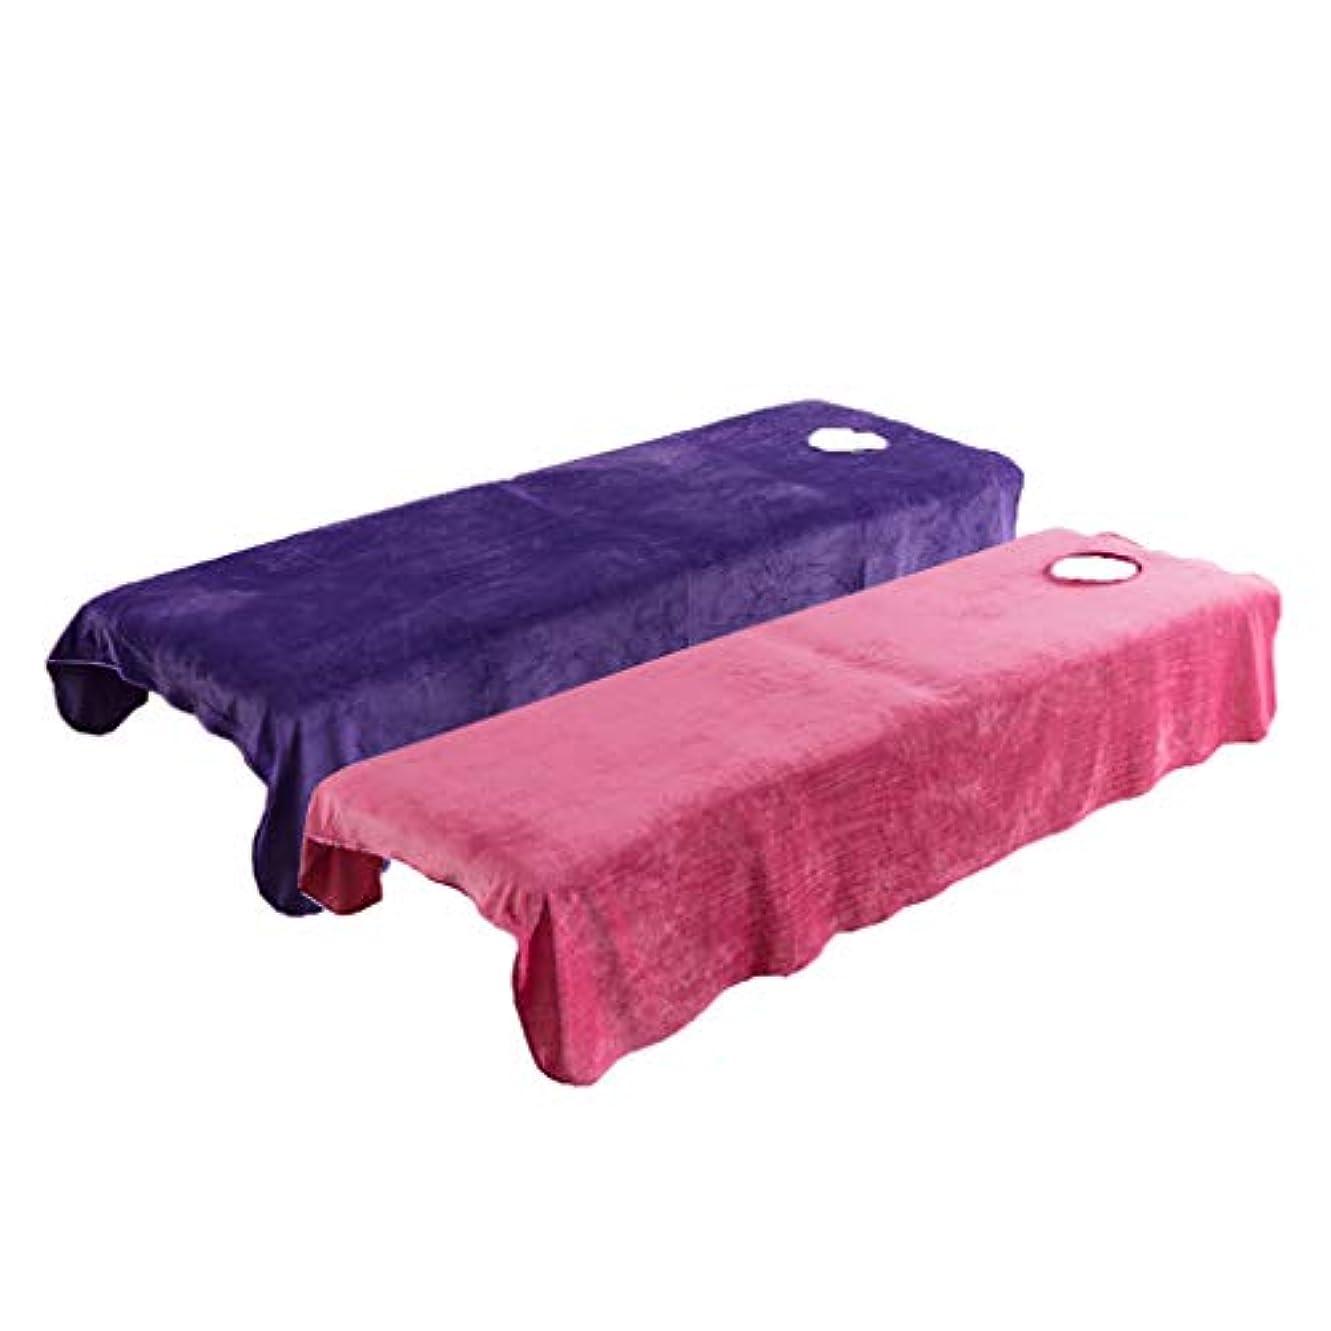 音節暫定の呼び出す有孔 スパ マッサージベッドカバー 2枚入り 美容ベッドカバー マッサージ台シーツ ピンク&パープル